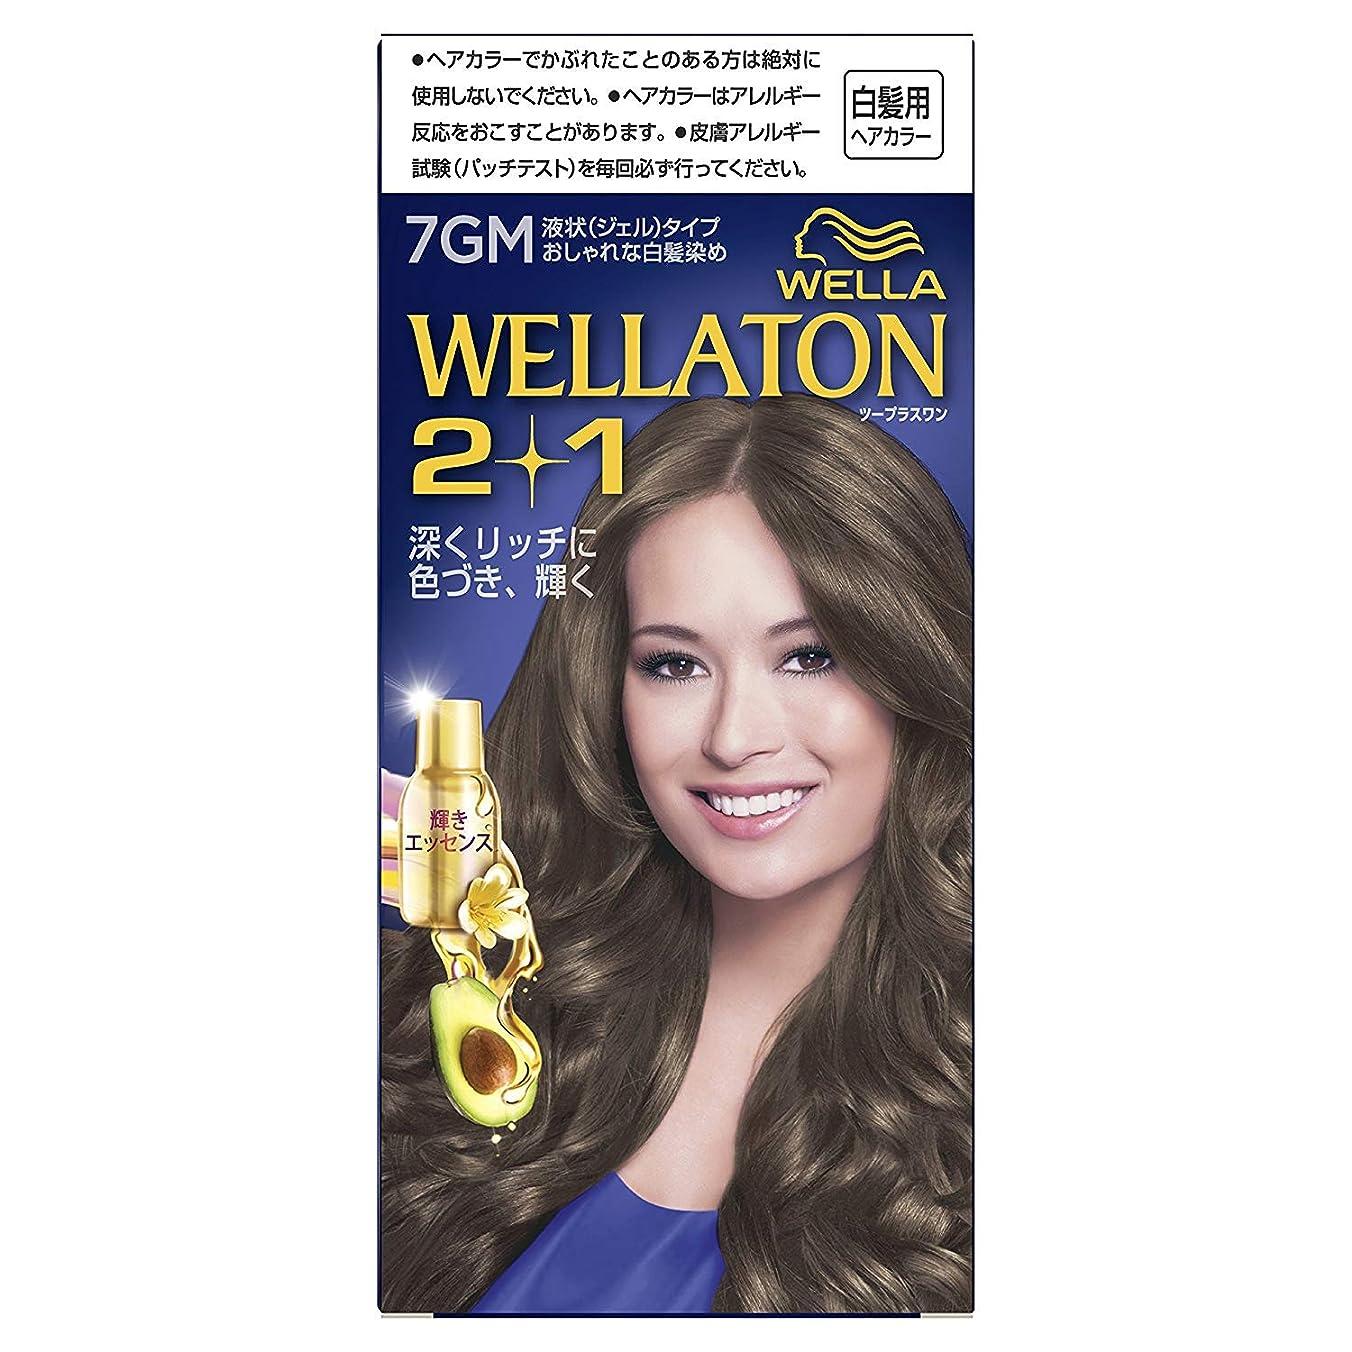 チラチラする幻想的防腐剤ウエラトーン2+1 液状タイプ 7GM [医薬部外品] ×6個